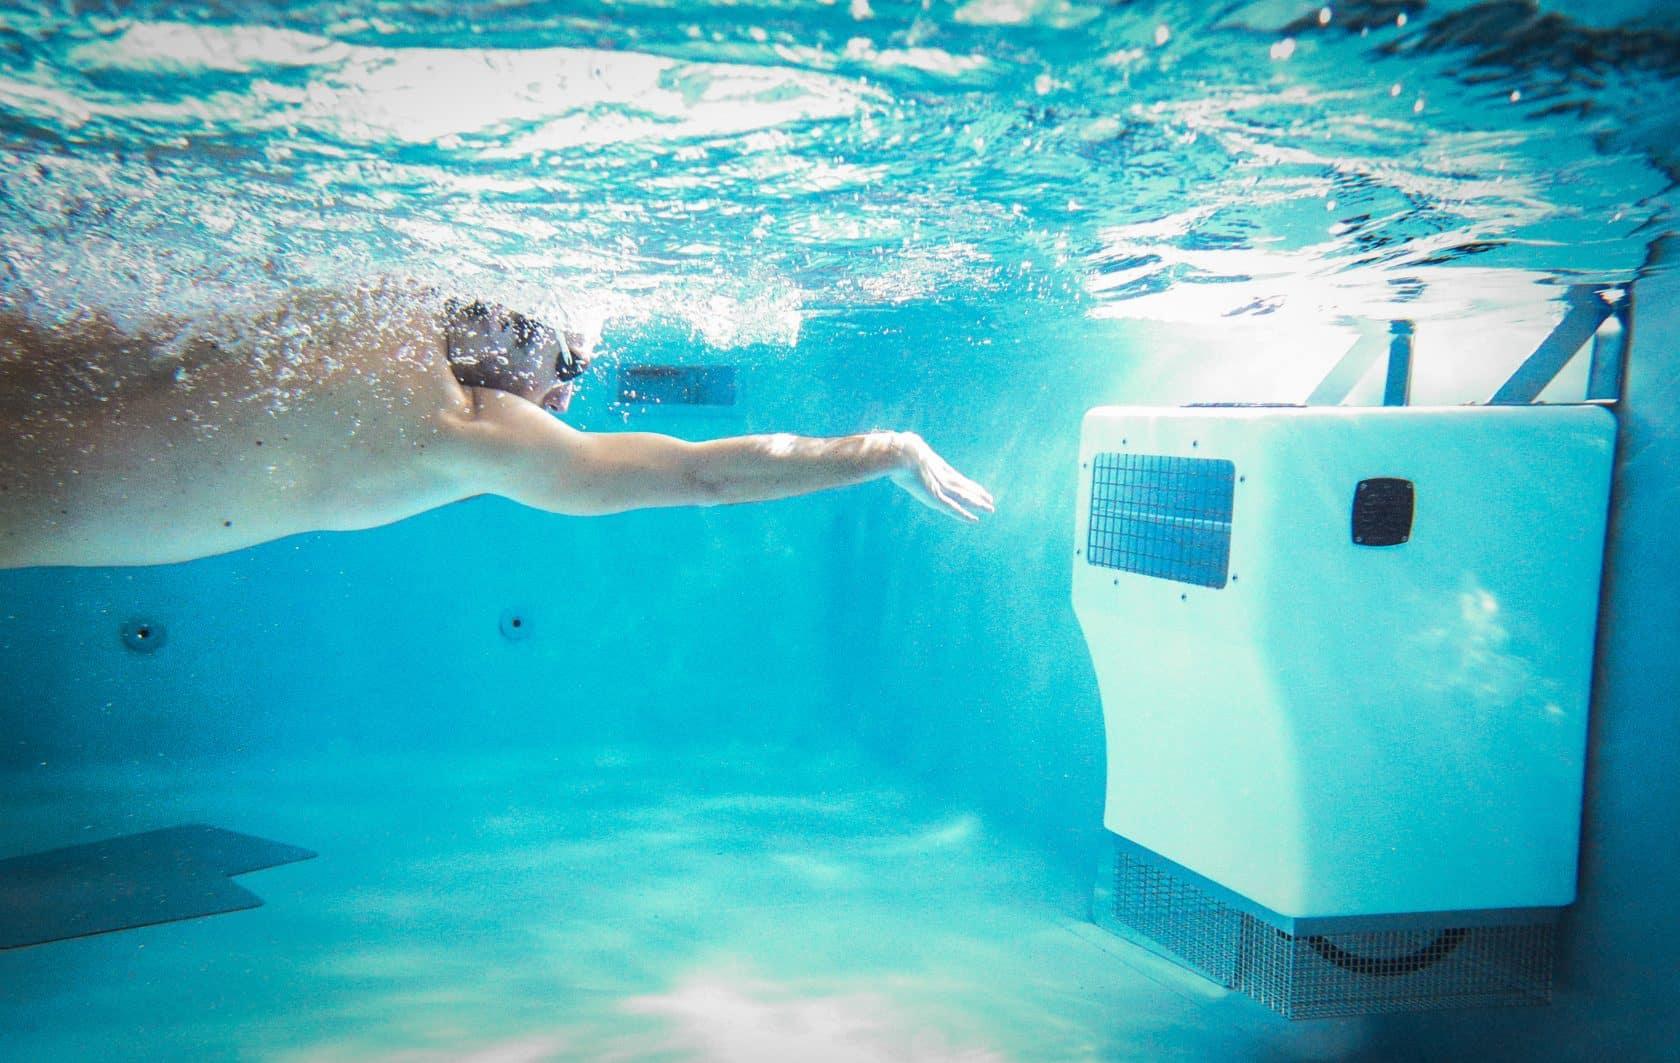 Turbine De Nage À Contre-Courant - Swimform encequiconcerne Piscine Contre Courant